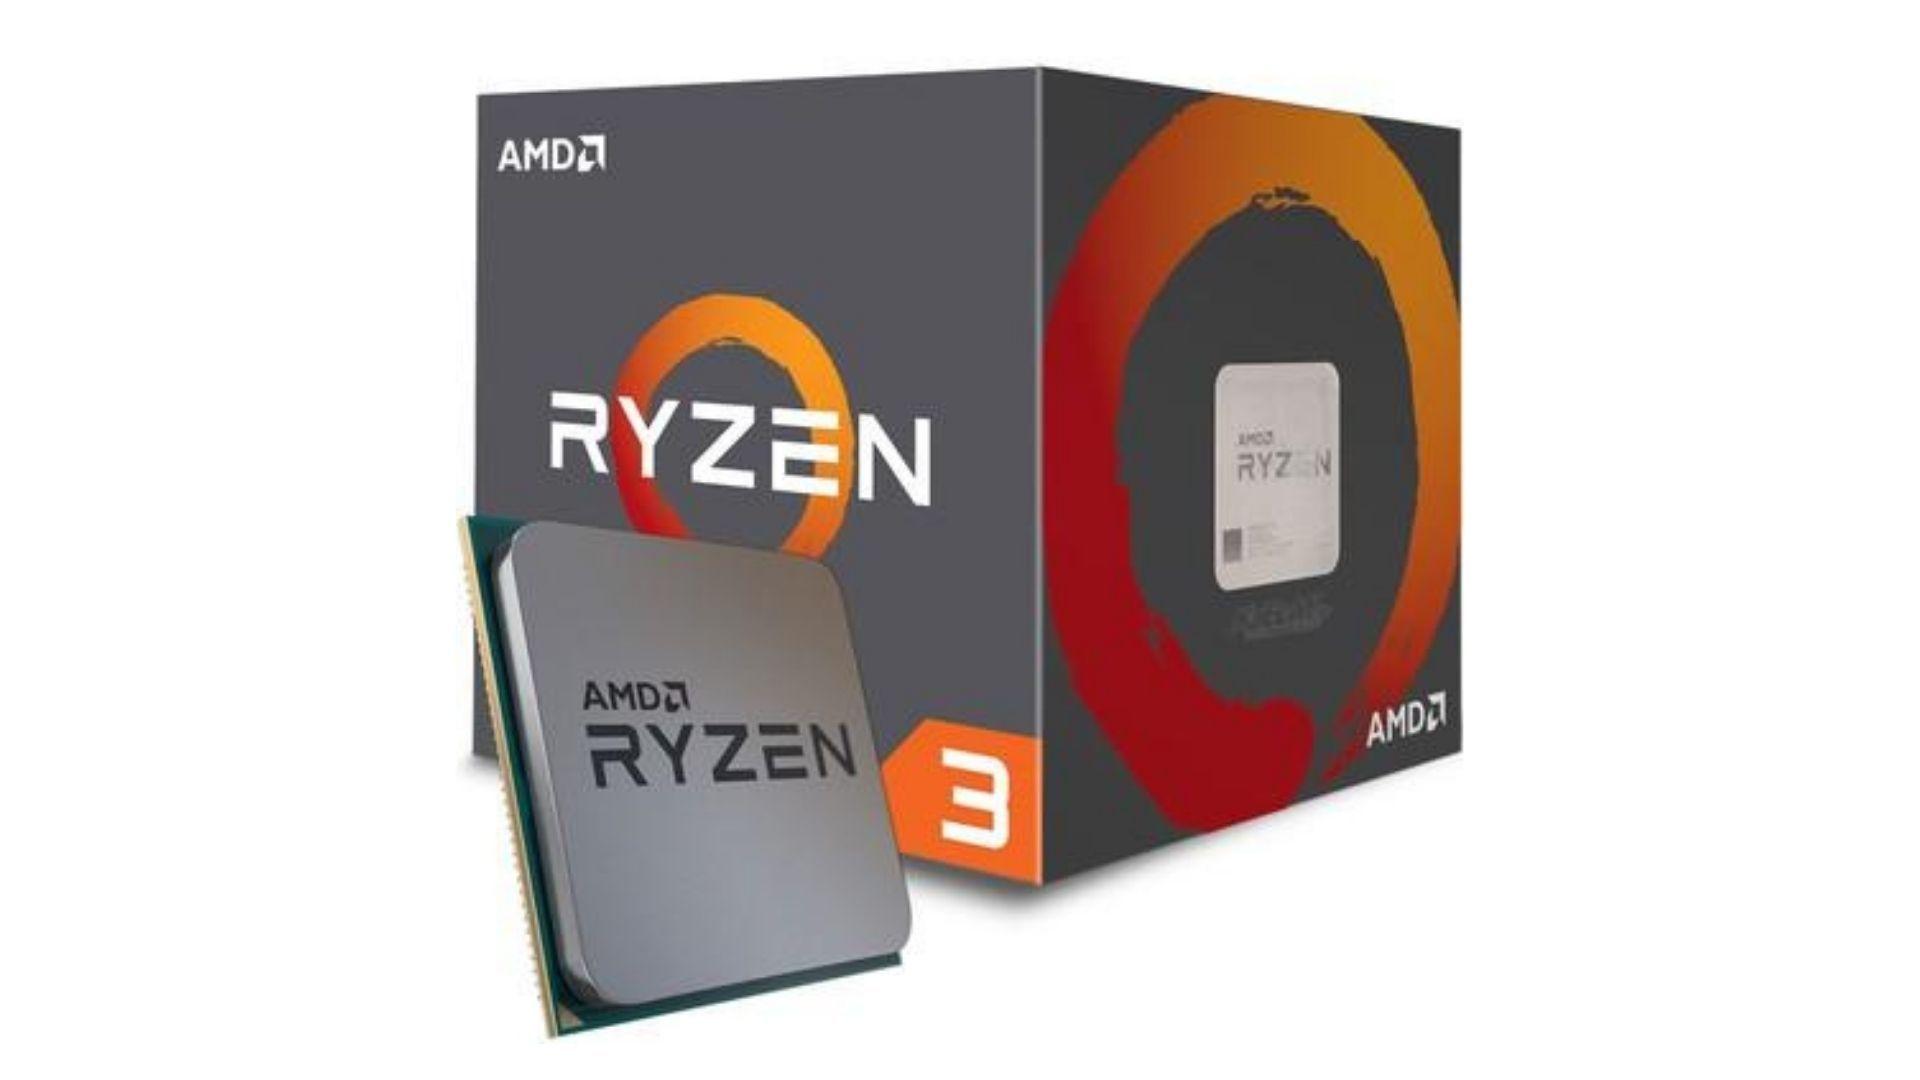 Caixa do processador AMD Ryzen 3 com o modelo a frente